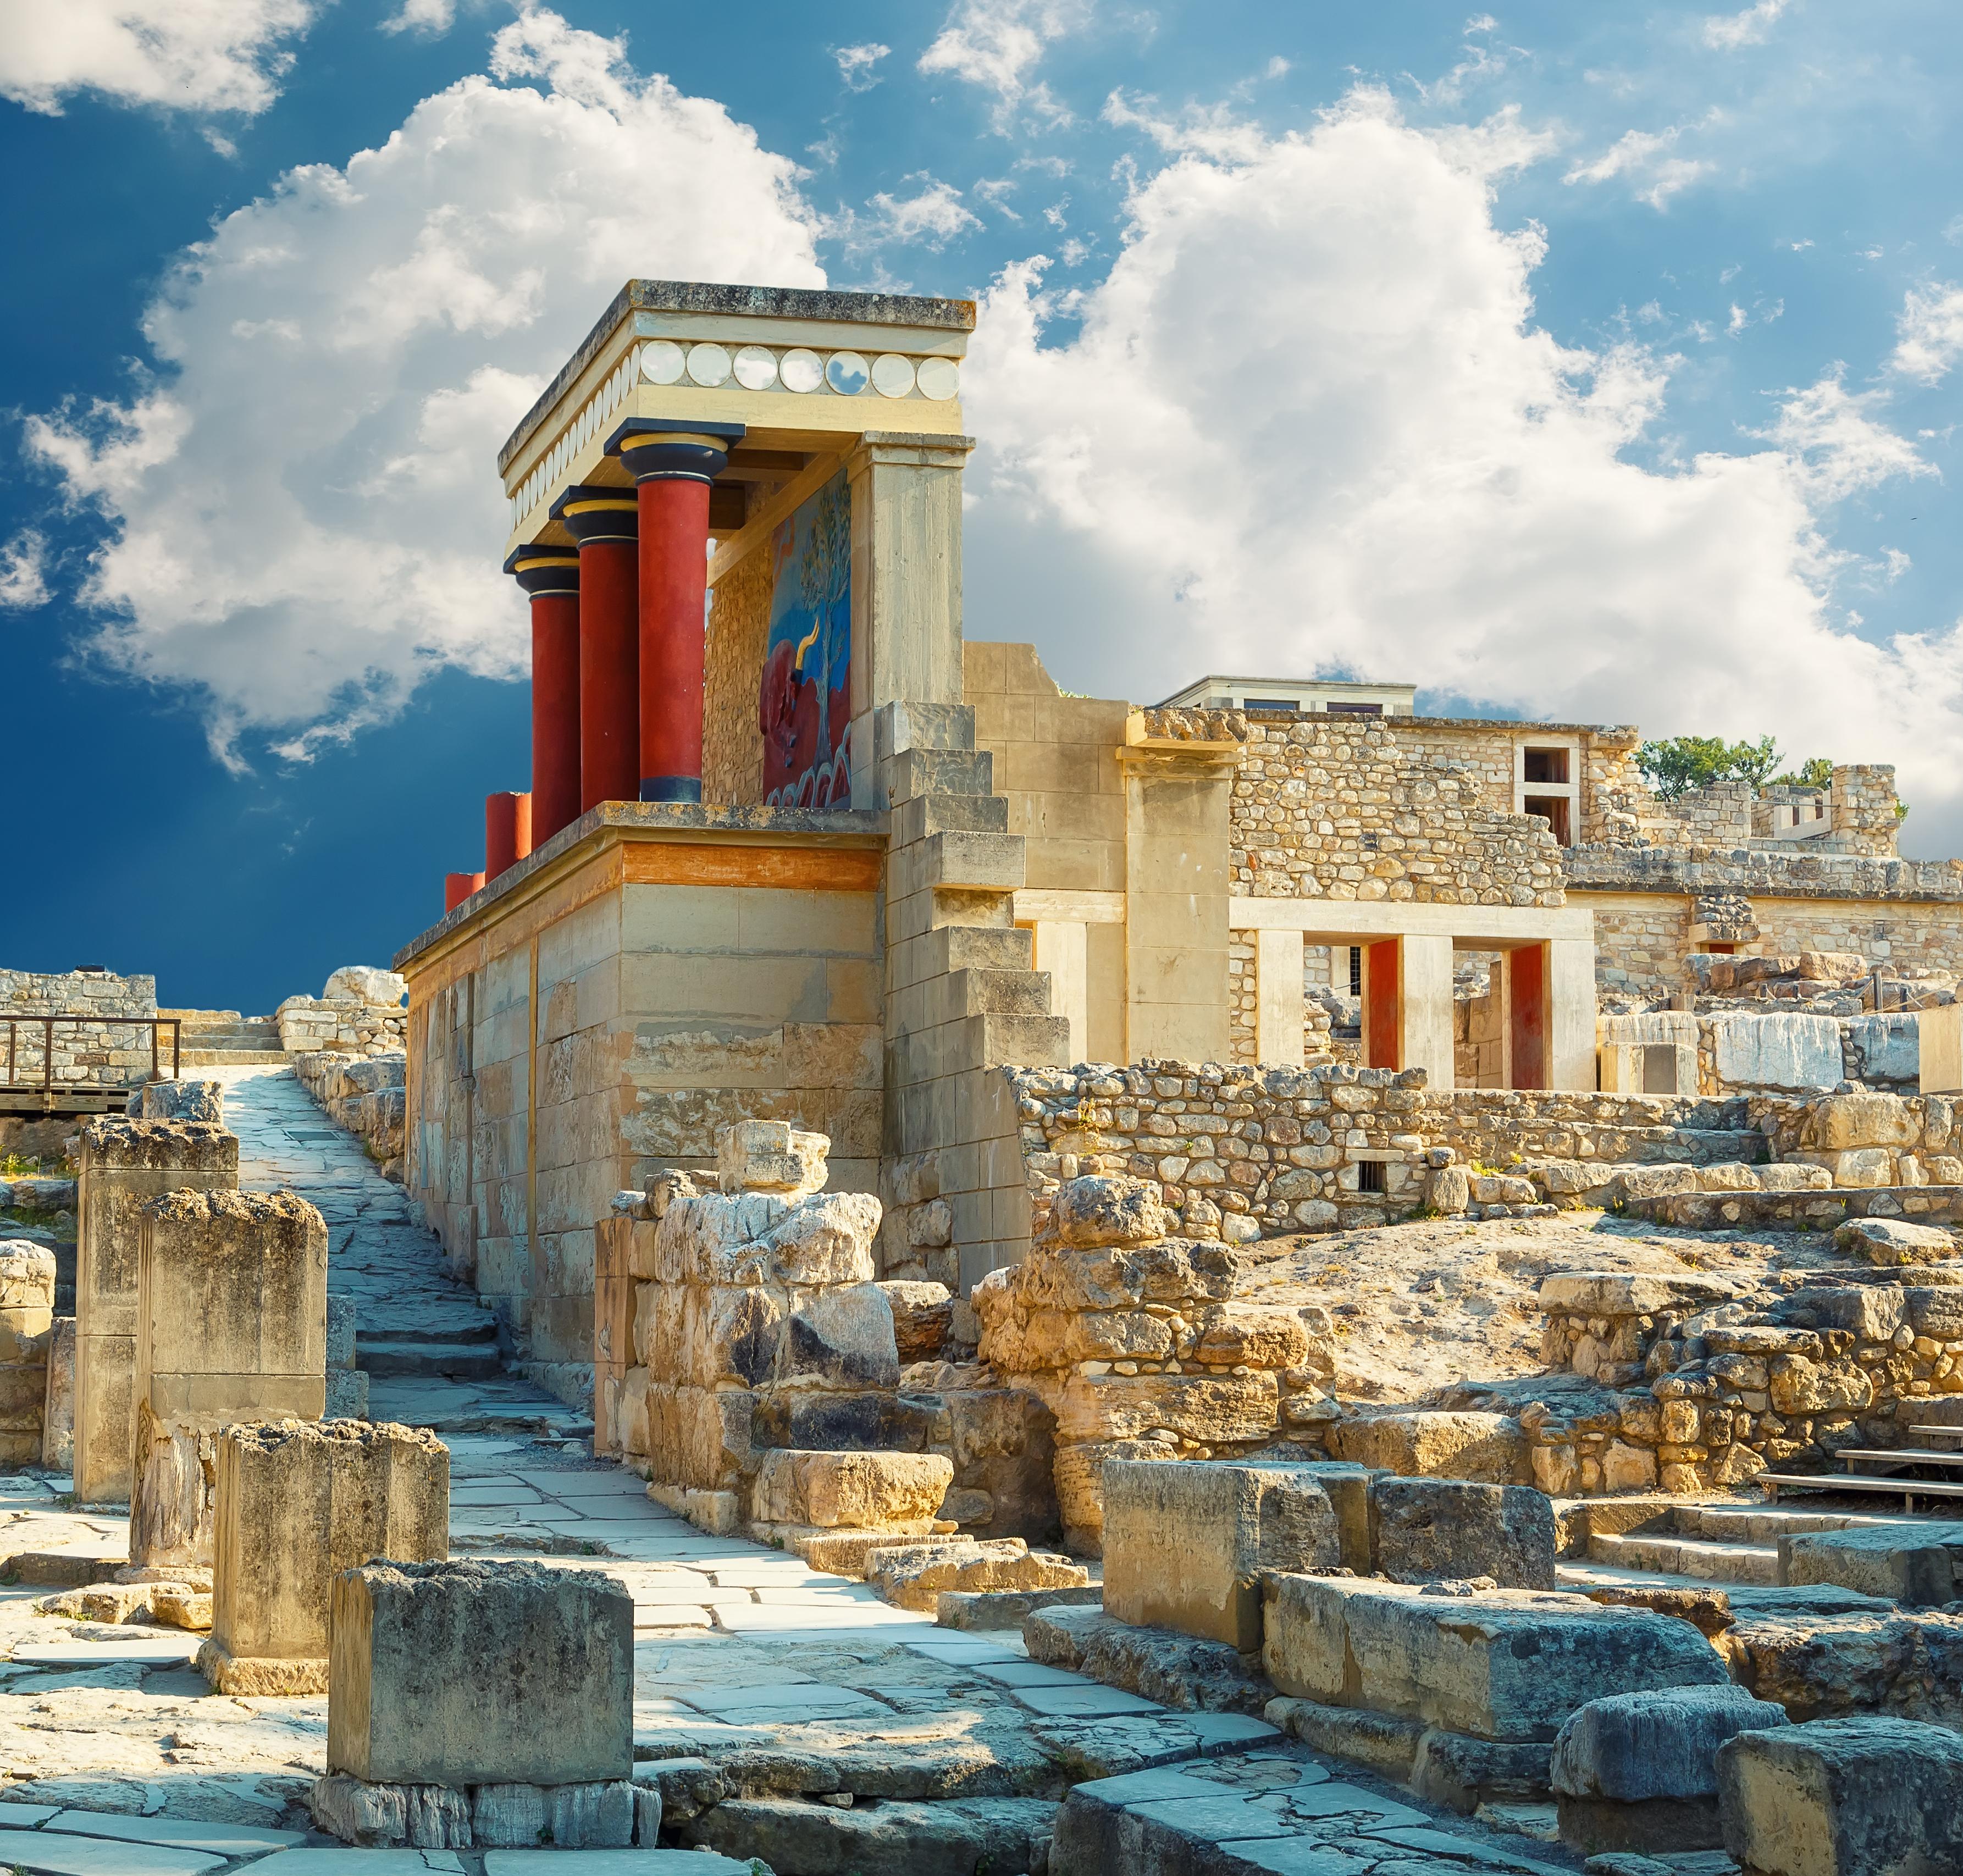 Кошти на розвиток Криту